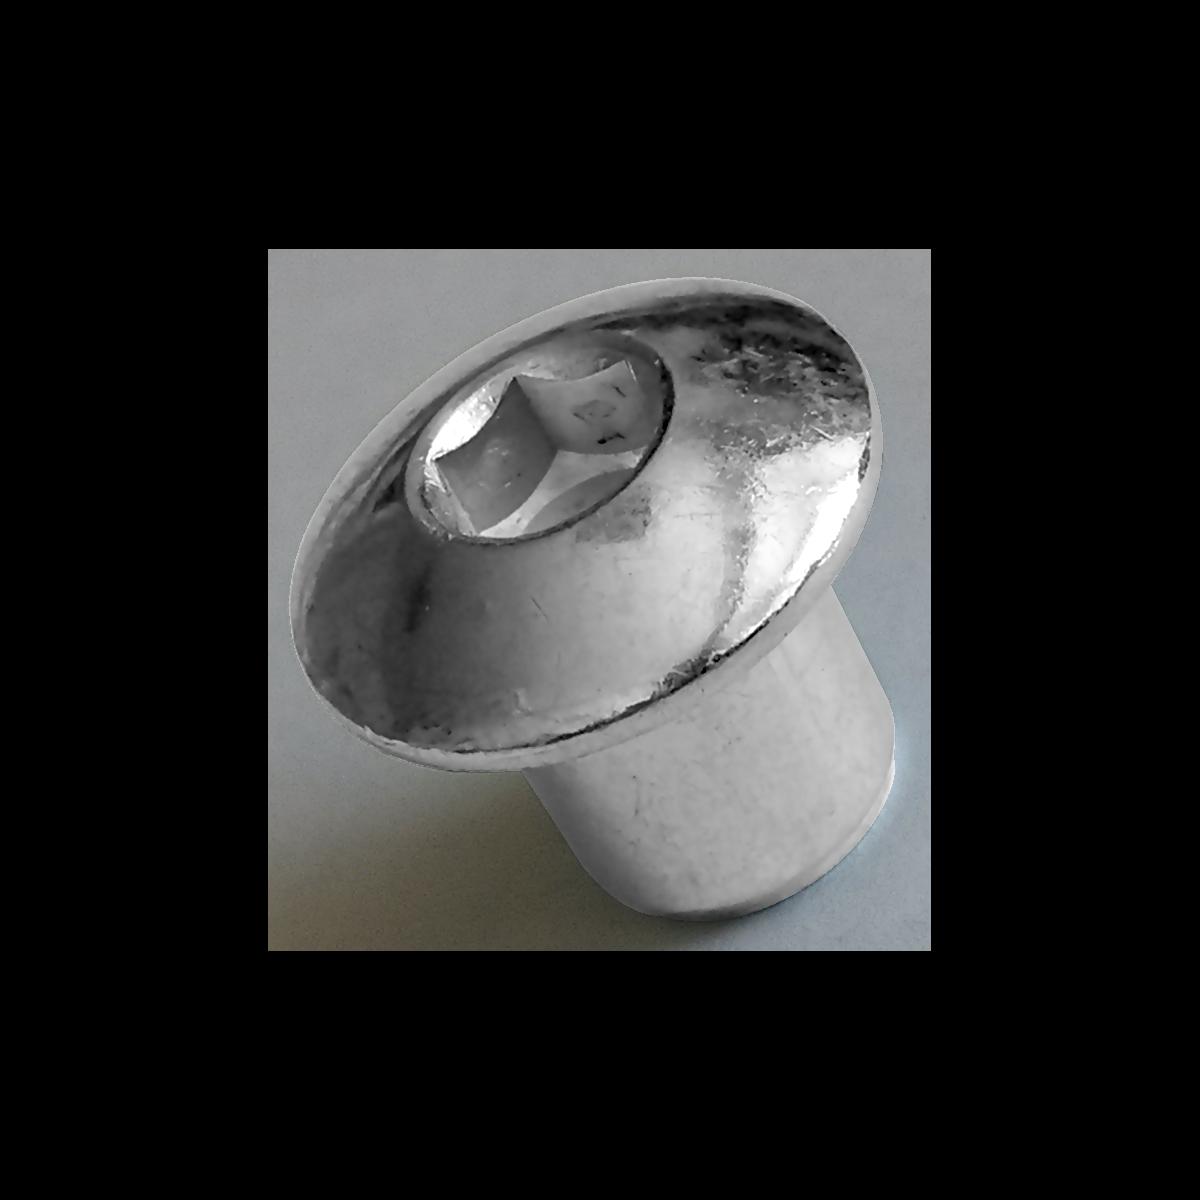 Гайка Еріксона М6х10 полукруглая головка, цинк белый, INB d9/D15 (JCN), METALVIS Украина [3SC2000003SC601520]